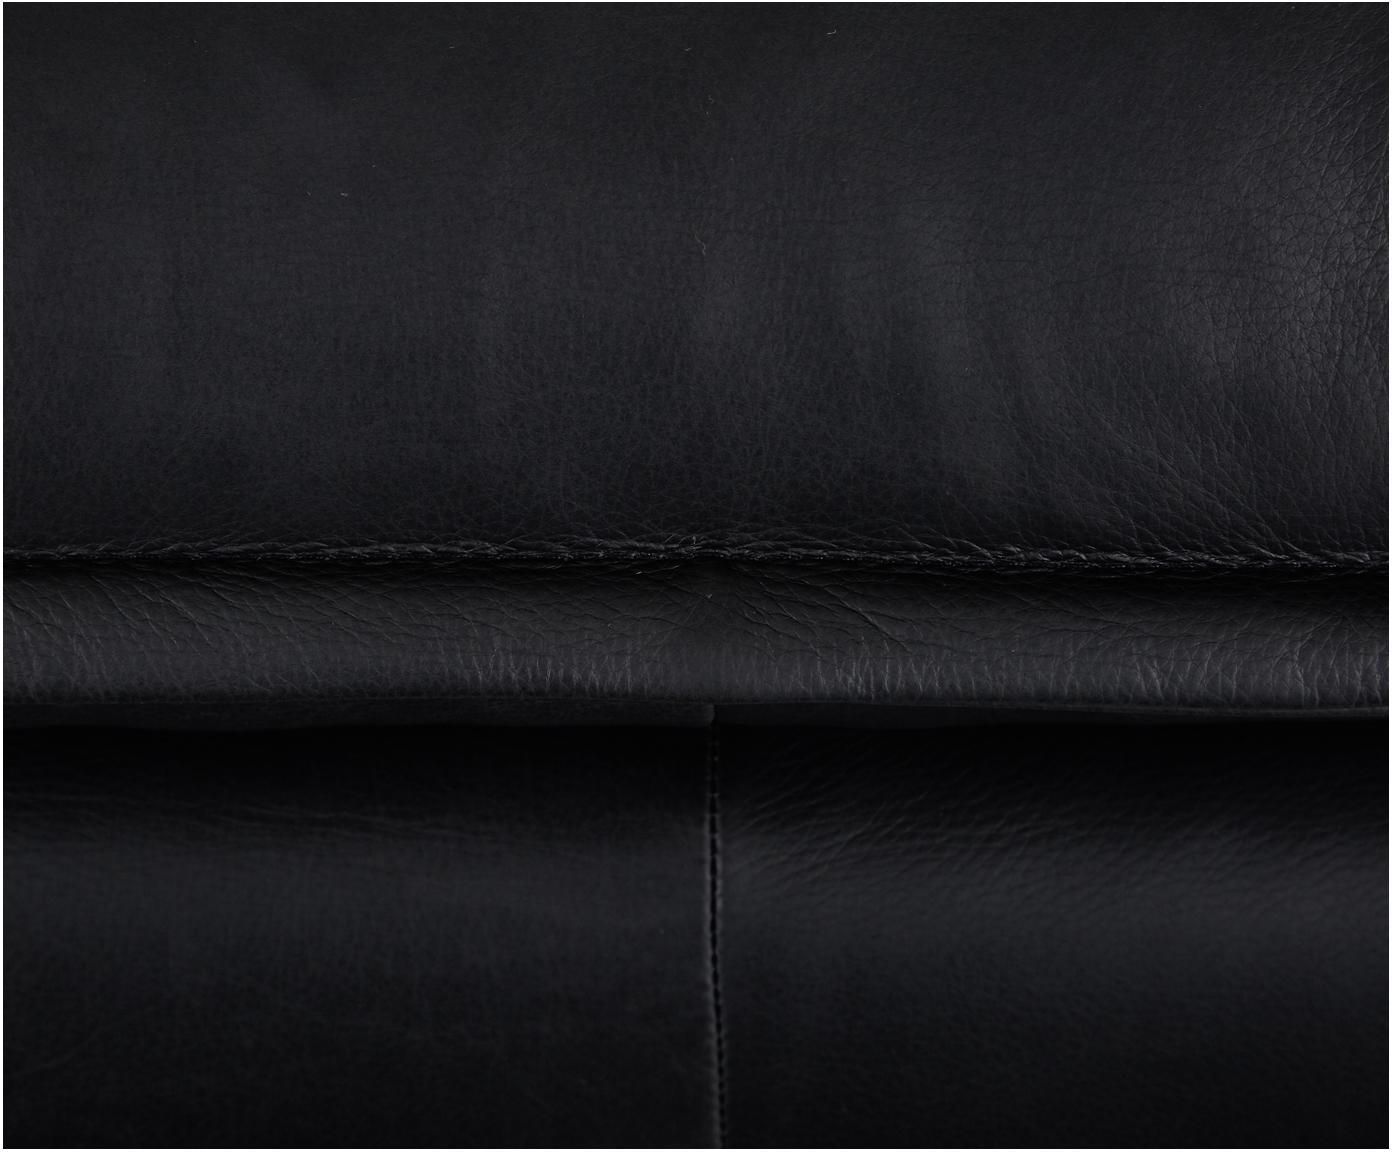 Leren hocker Retro, Bekleding: runderleer, Frame: MDF, houtvezelplaat, Poten: gepoedercoat metaal, Zwart, B 72 x D 65 cm